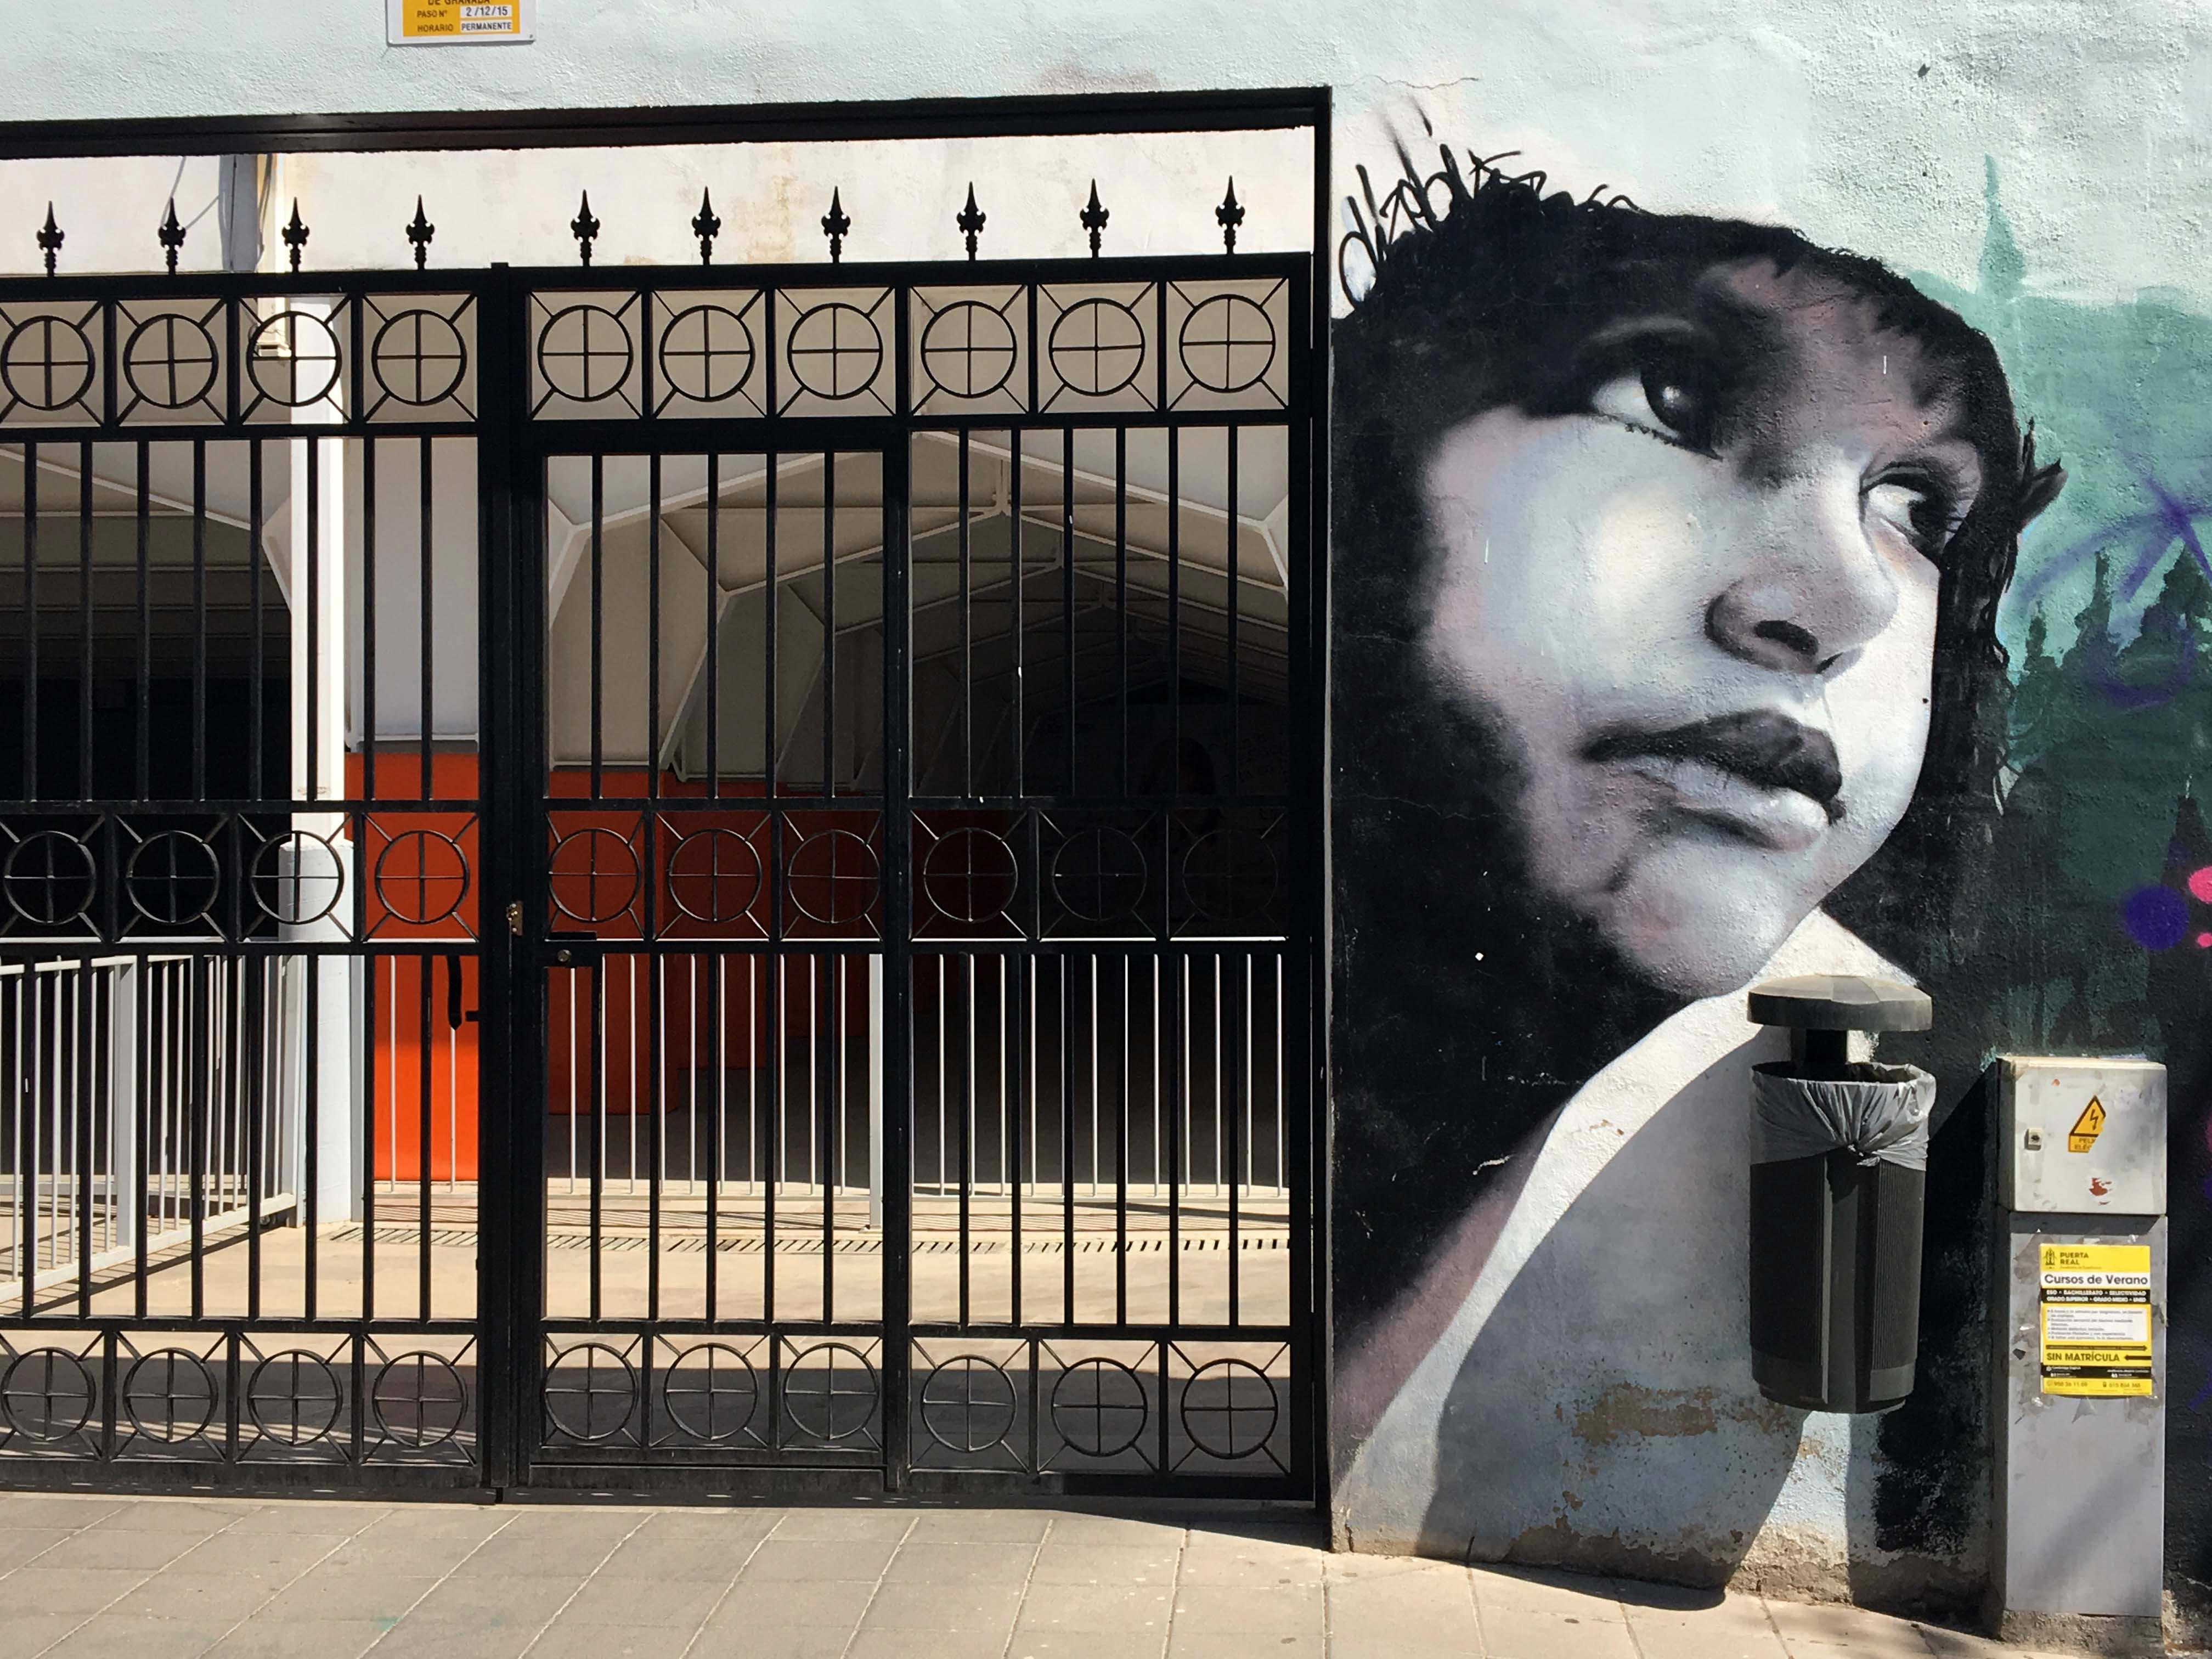 rechte Seite neben einem Tor Mural von El Niño de las Pinturas dass ein Kind zeigt